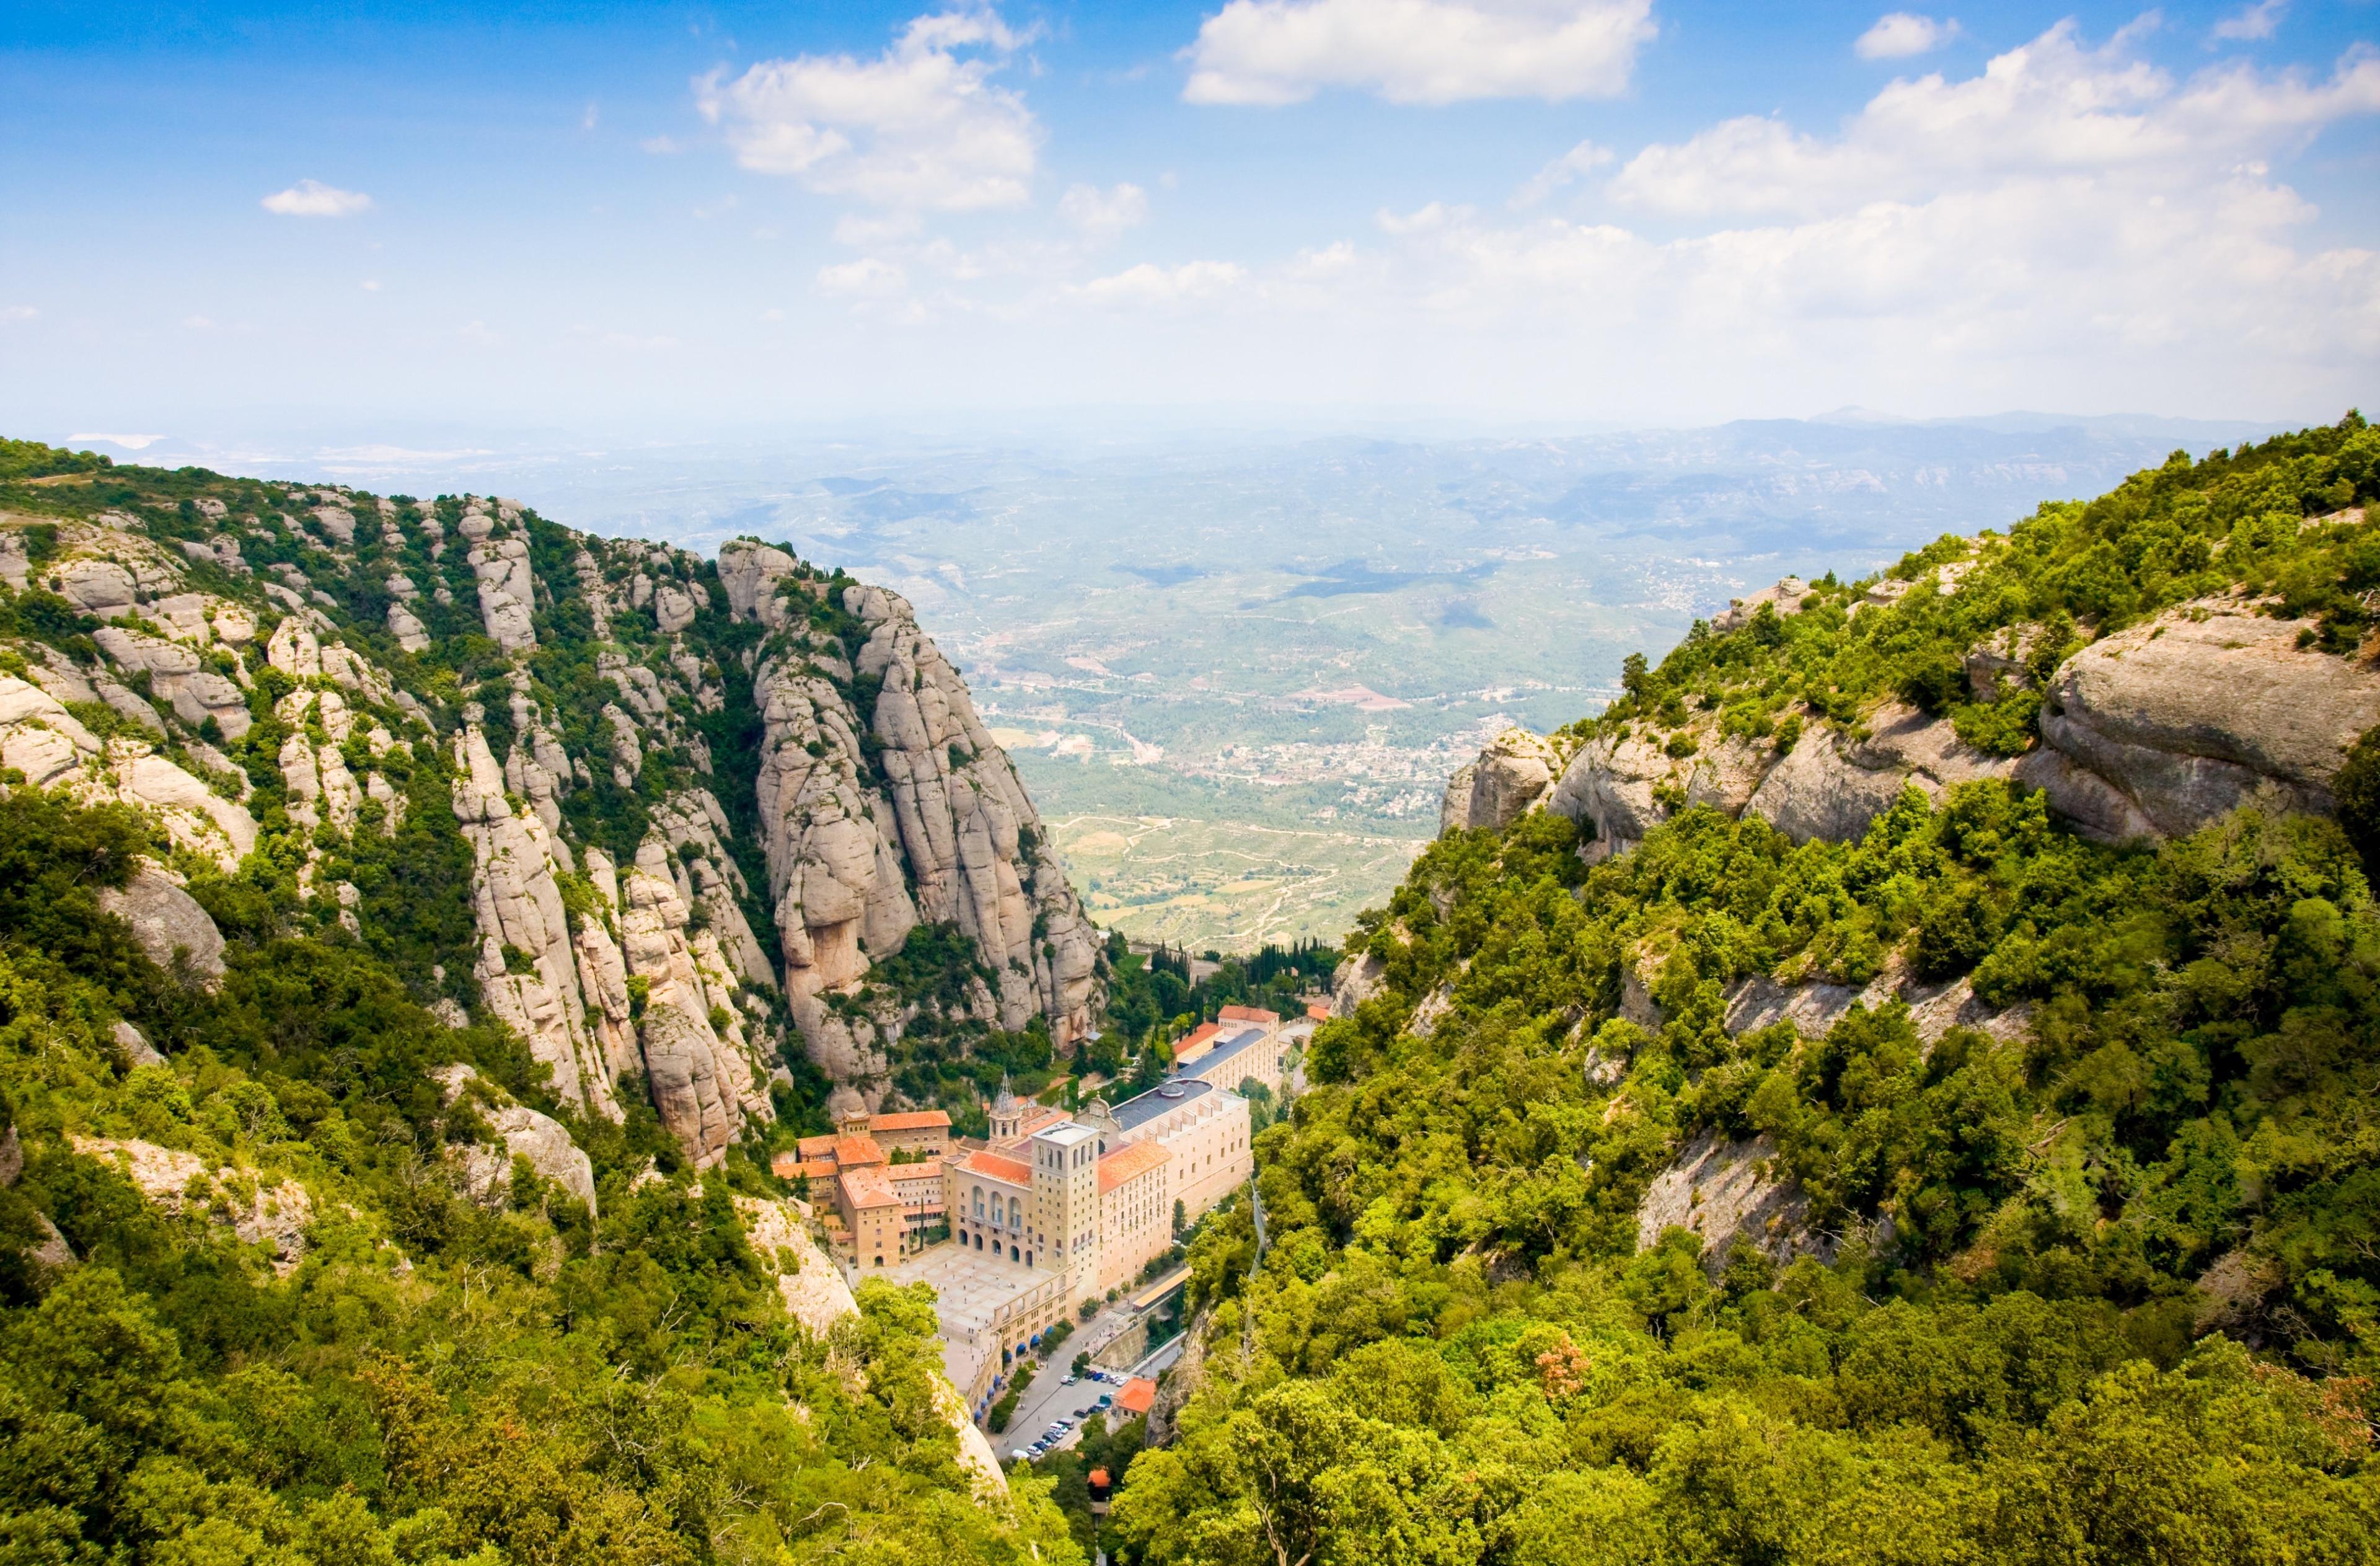 Monasterio de Montserrat, Monistrol de Montserrat, Catalonië, Spanje